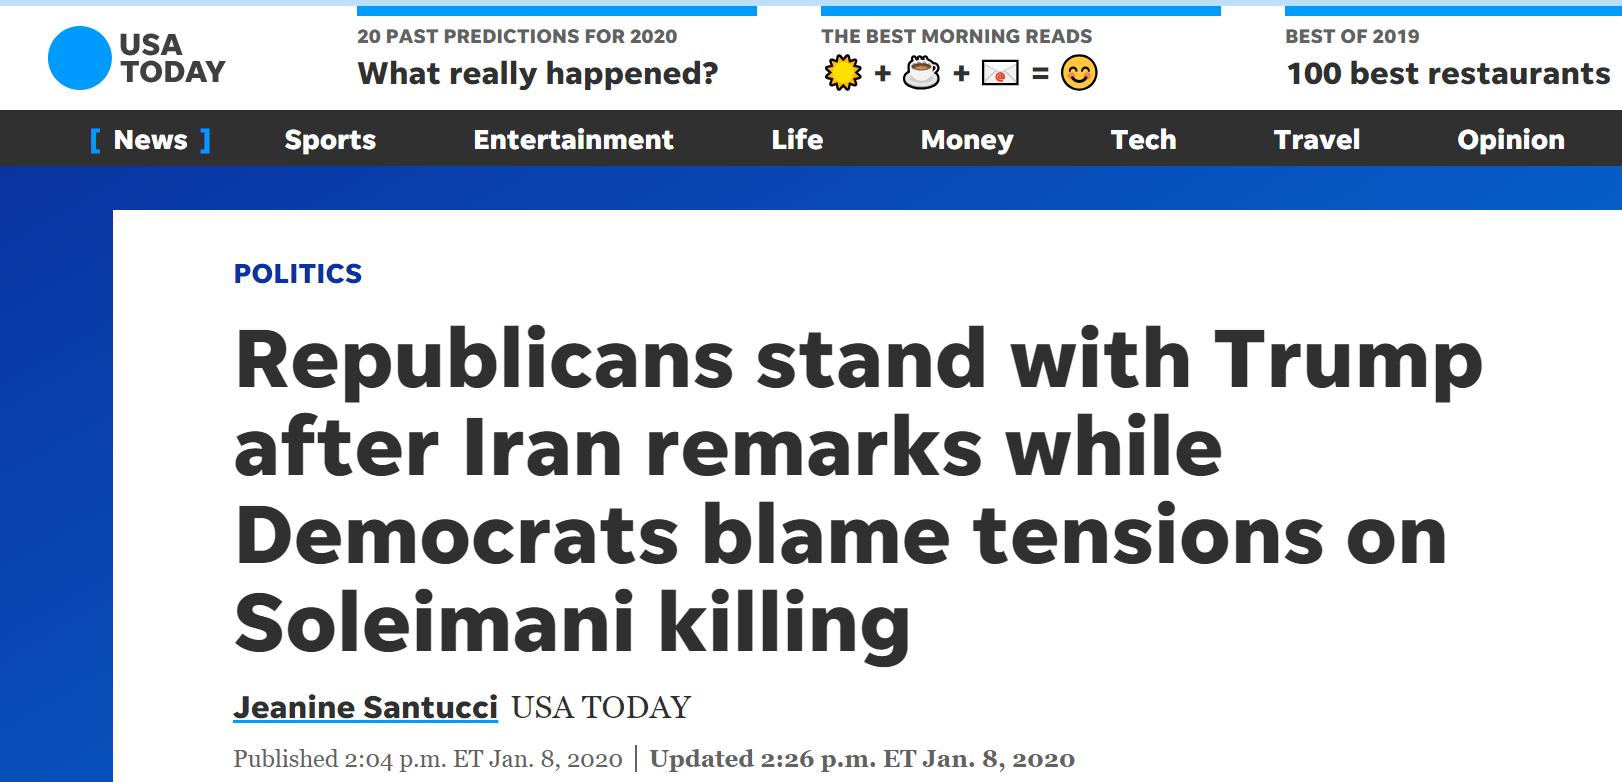 《今日美国报》报道截图